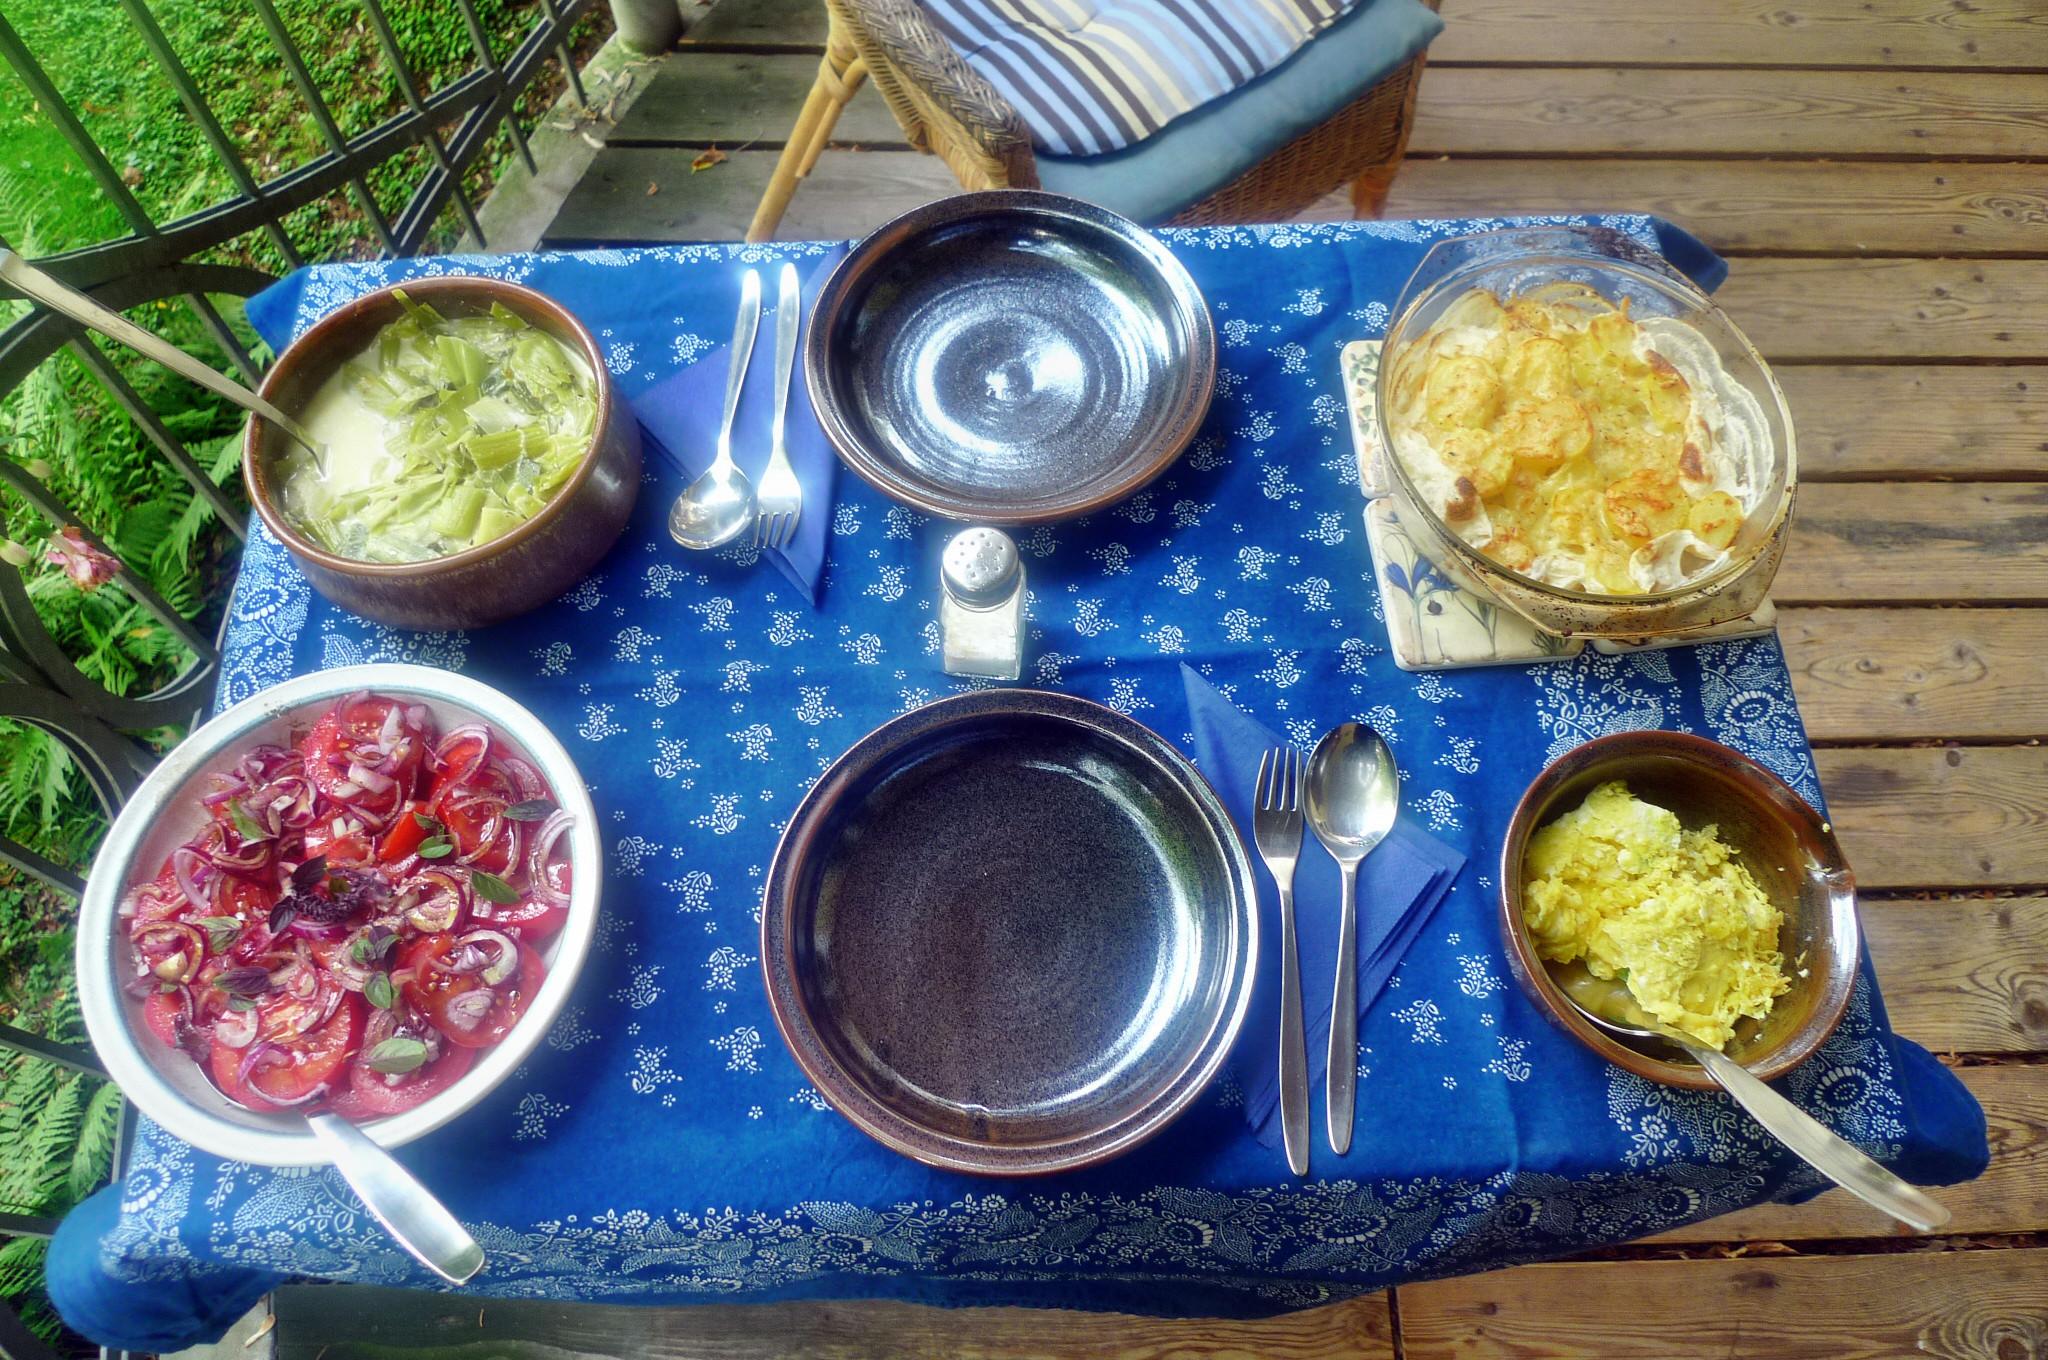 Porree-Kartoffelgratin-Ei-9.9.14   (18)